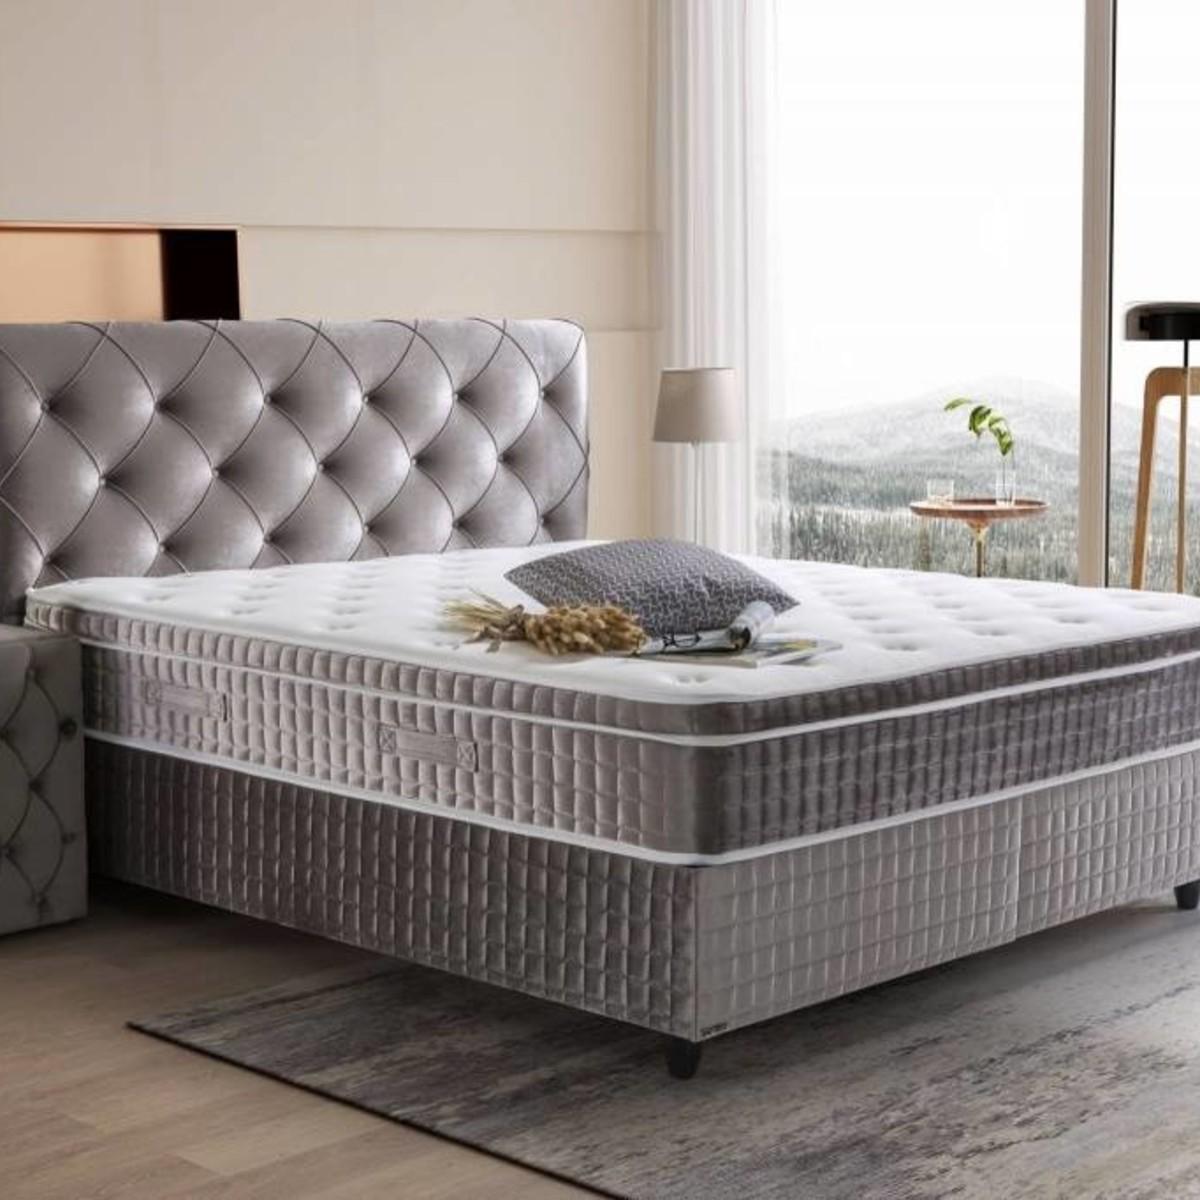 Luxe 2 Persoons Bedbank.2 Persoons Boxsprings Bij Furnea Gezellig Samen In Een Luxe Bed